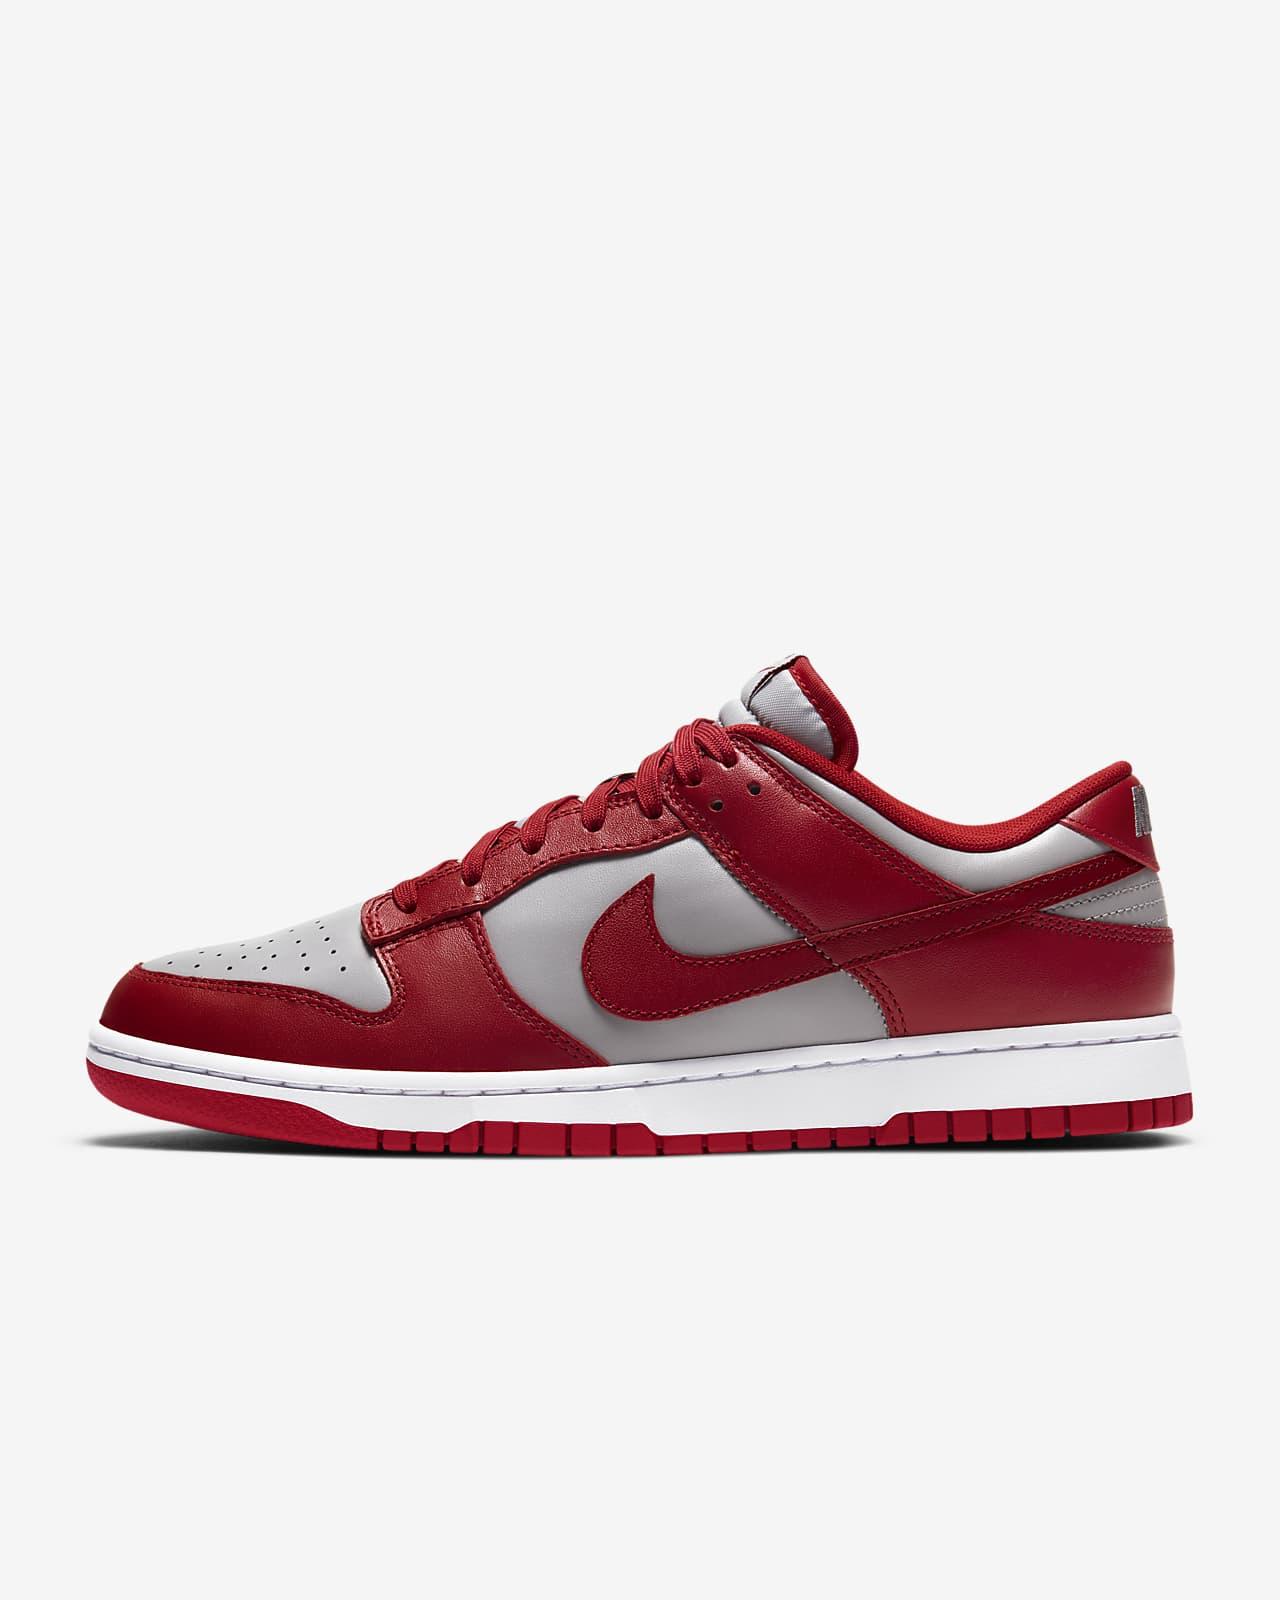 Nike Dunk Low Retro Men's Shoe